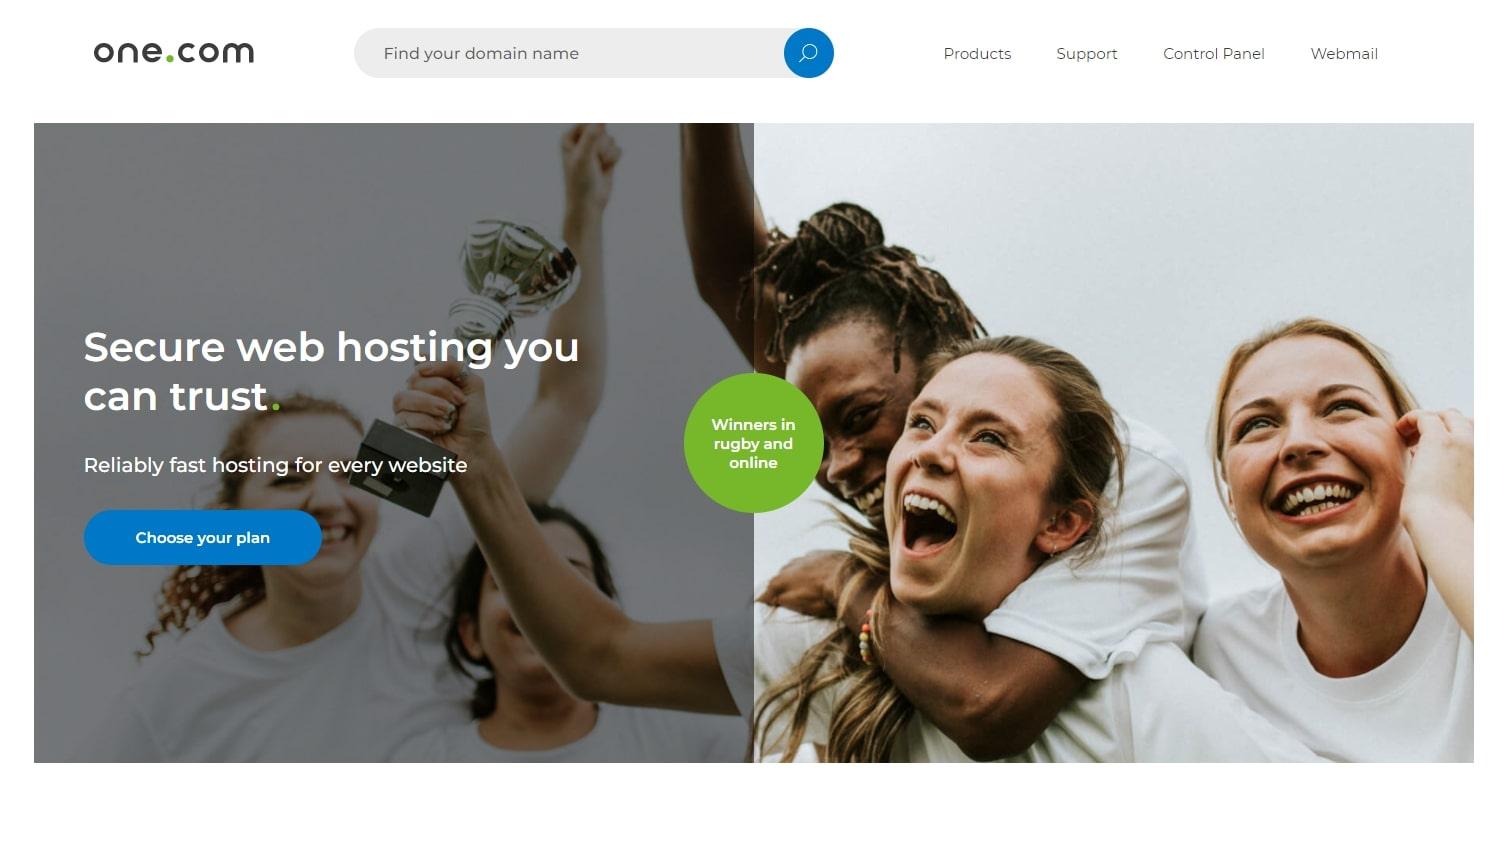 One.com's homepage